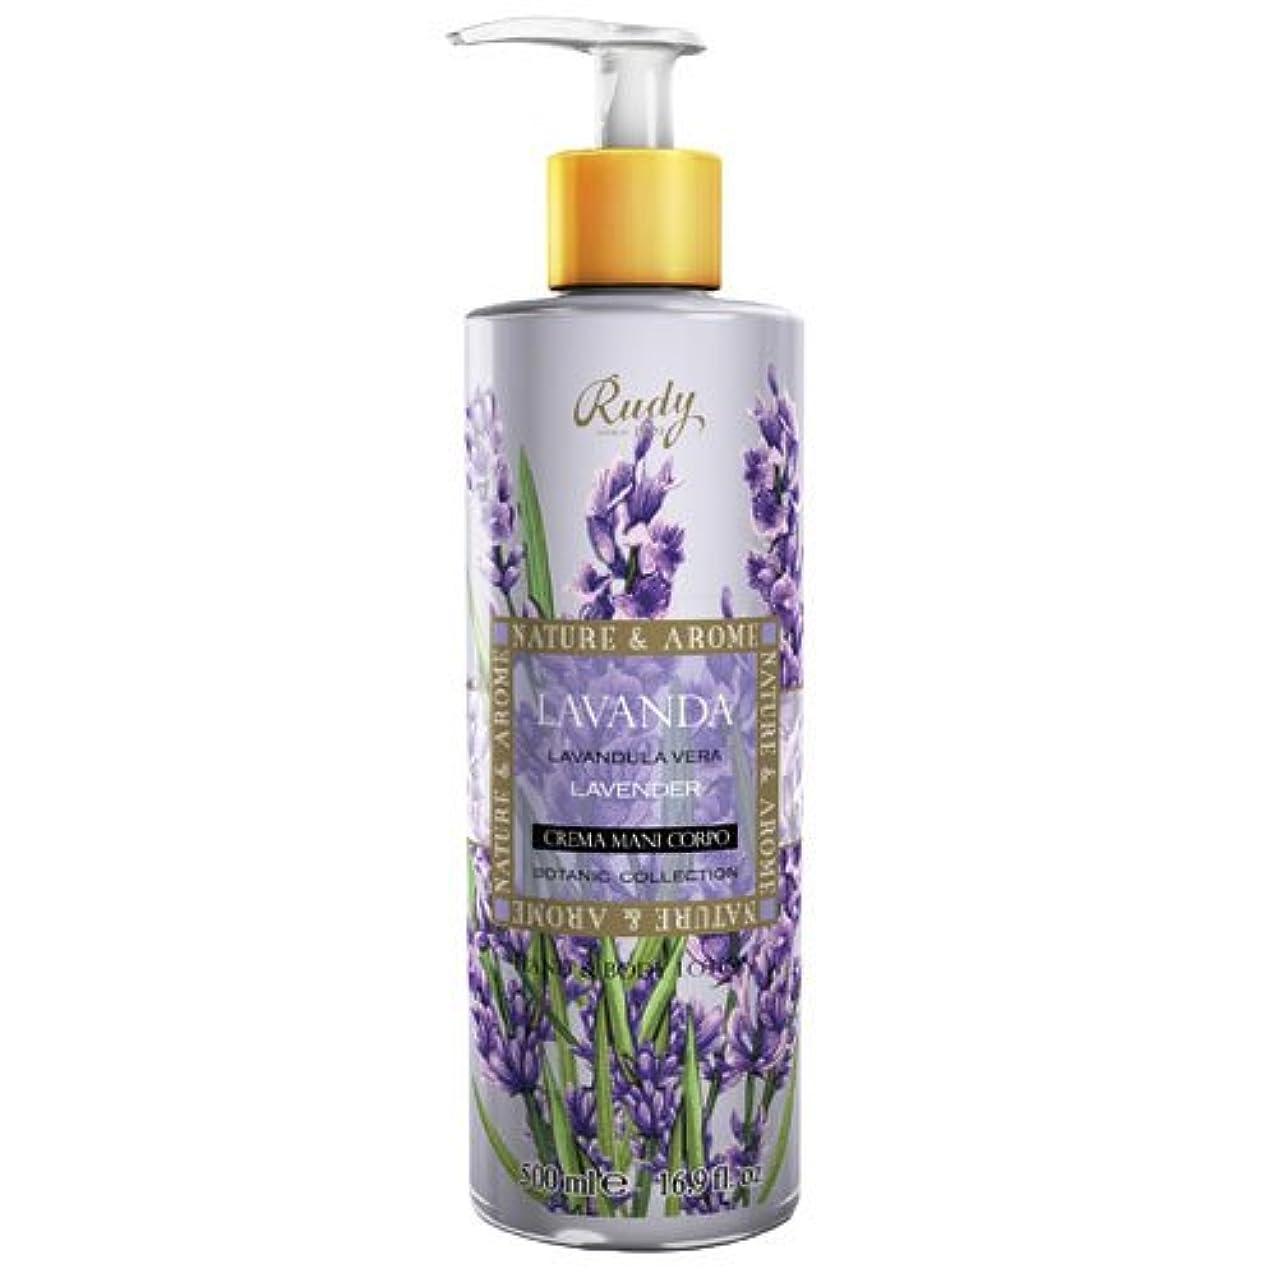 RUDY Nature&Arome SERIES ルディ ナチュール&アロマ Hand&Body lotion ハンド&ボディローション ラベンダー